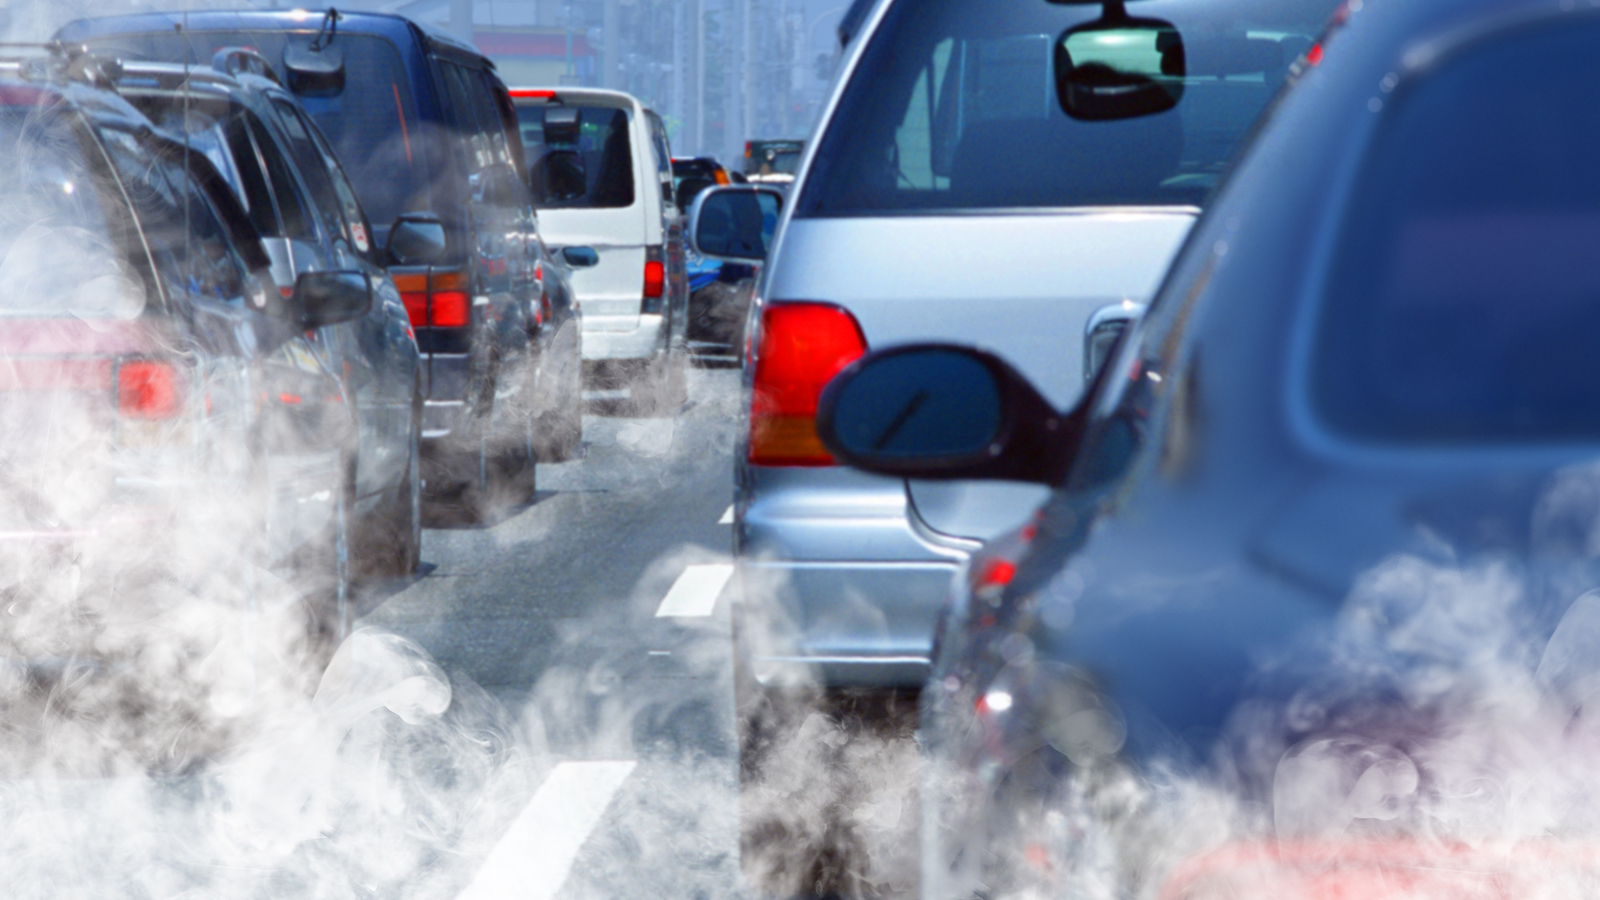 Чисте повітря або чому варто відмовитися від старого автомобіля